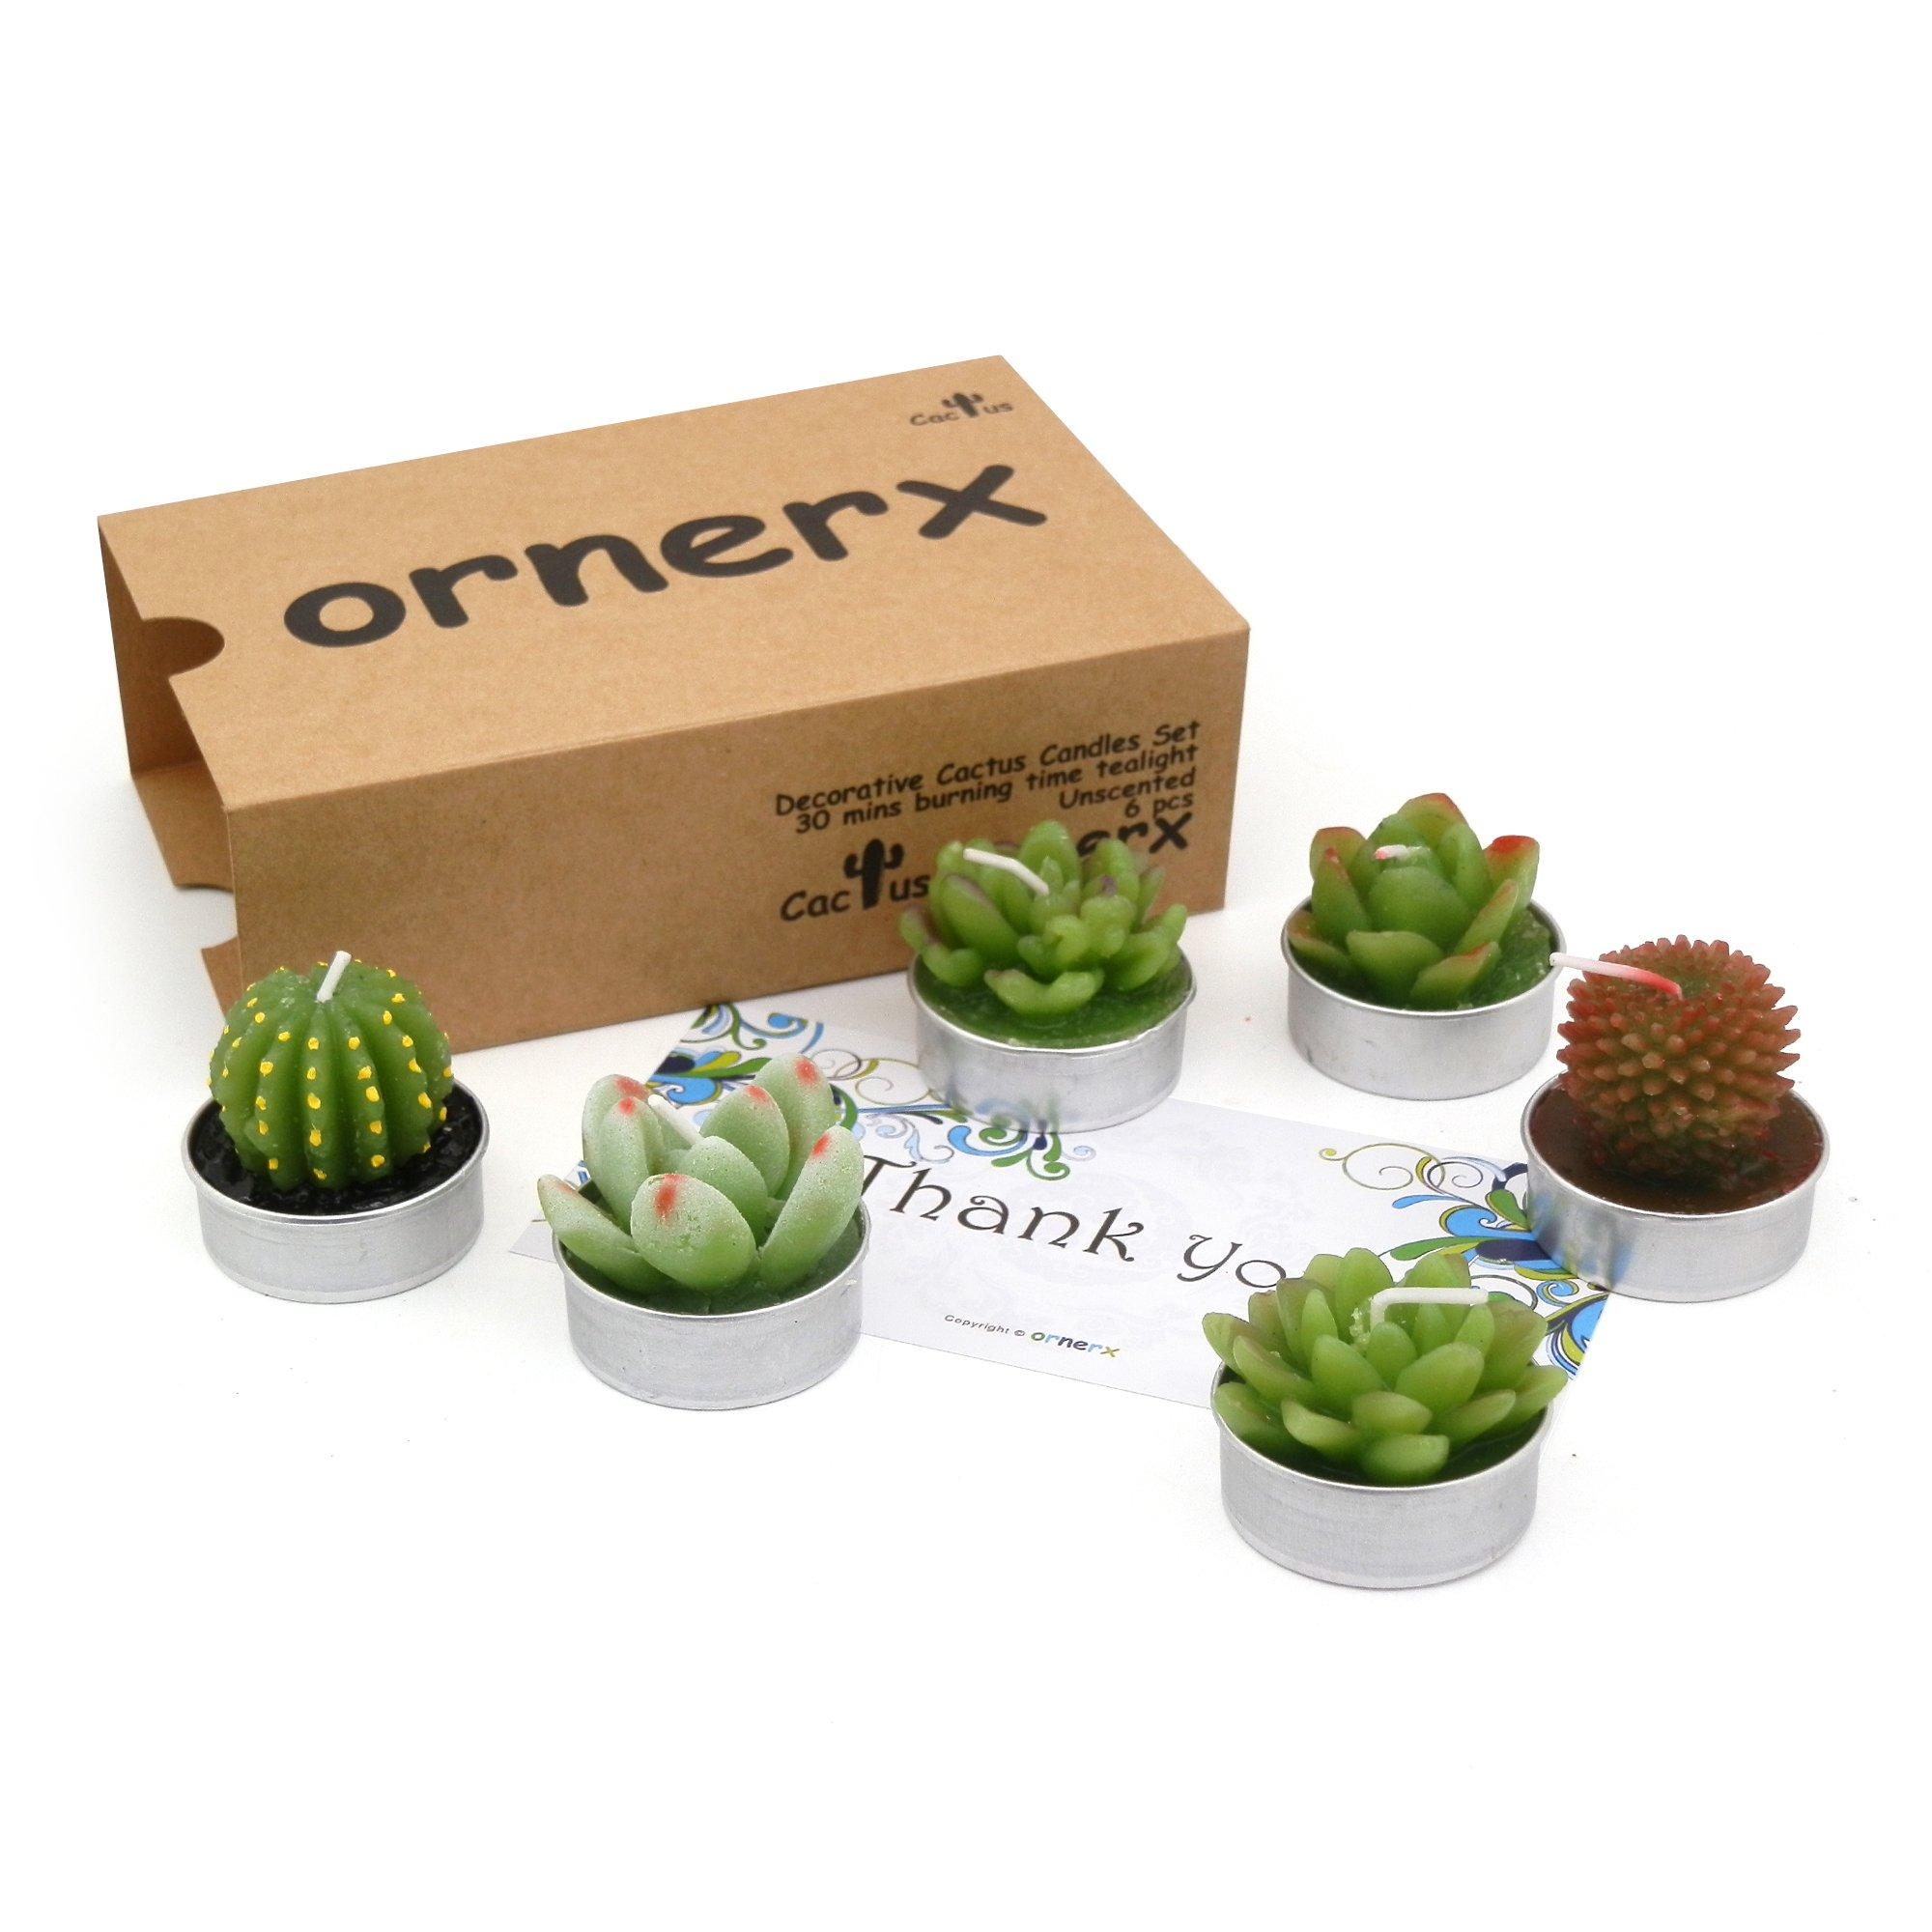 ornerx Cactus Candles Tea Lights Set of 6